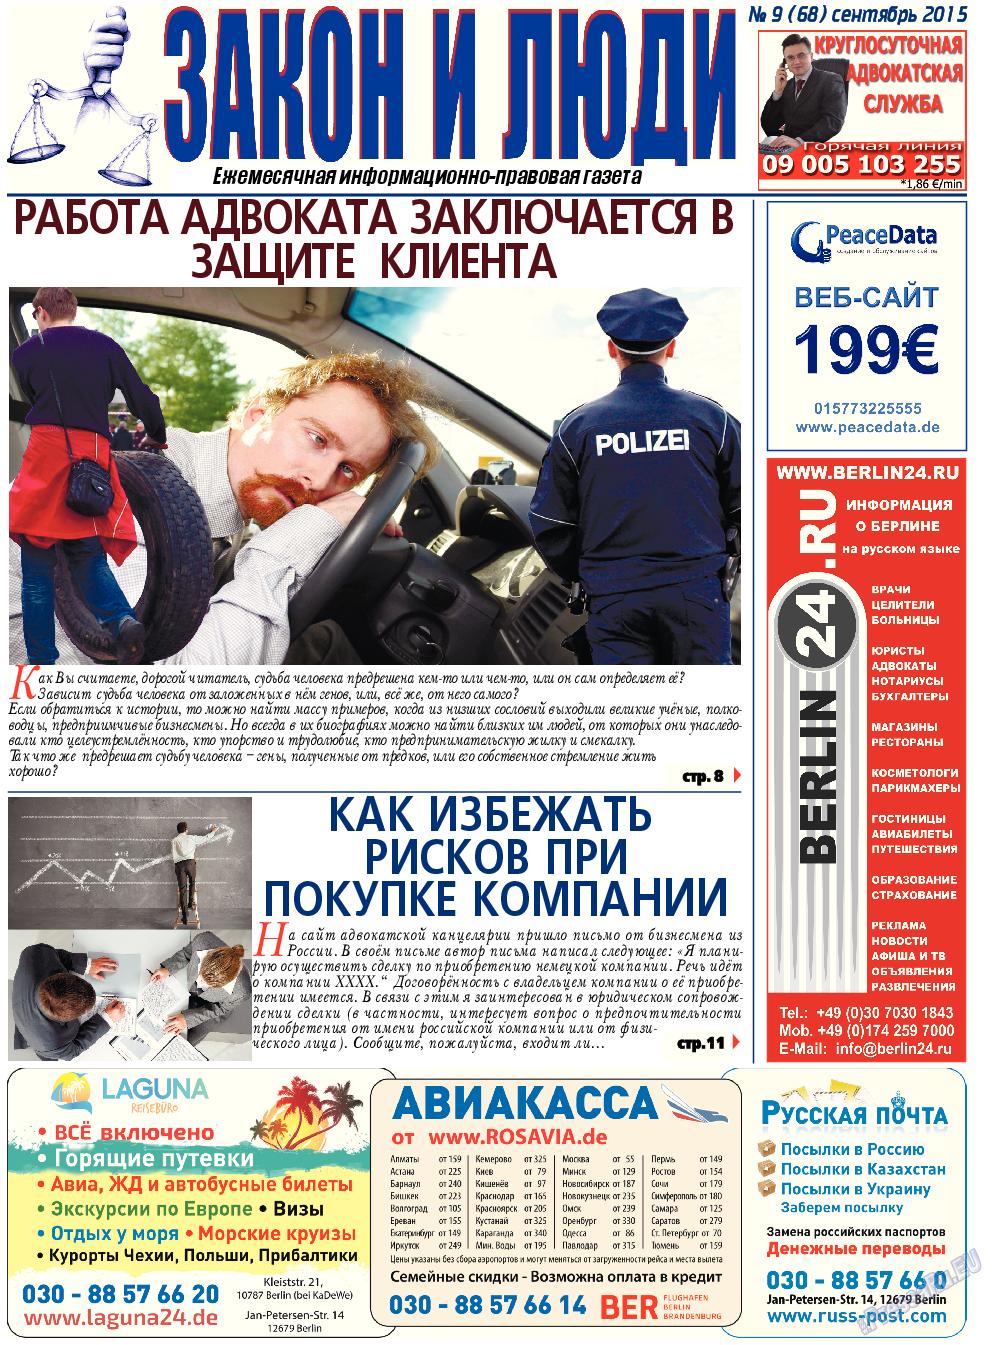 Закон и люди (газета). 2015 год, номер 9, стр. 1